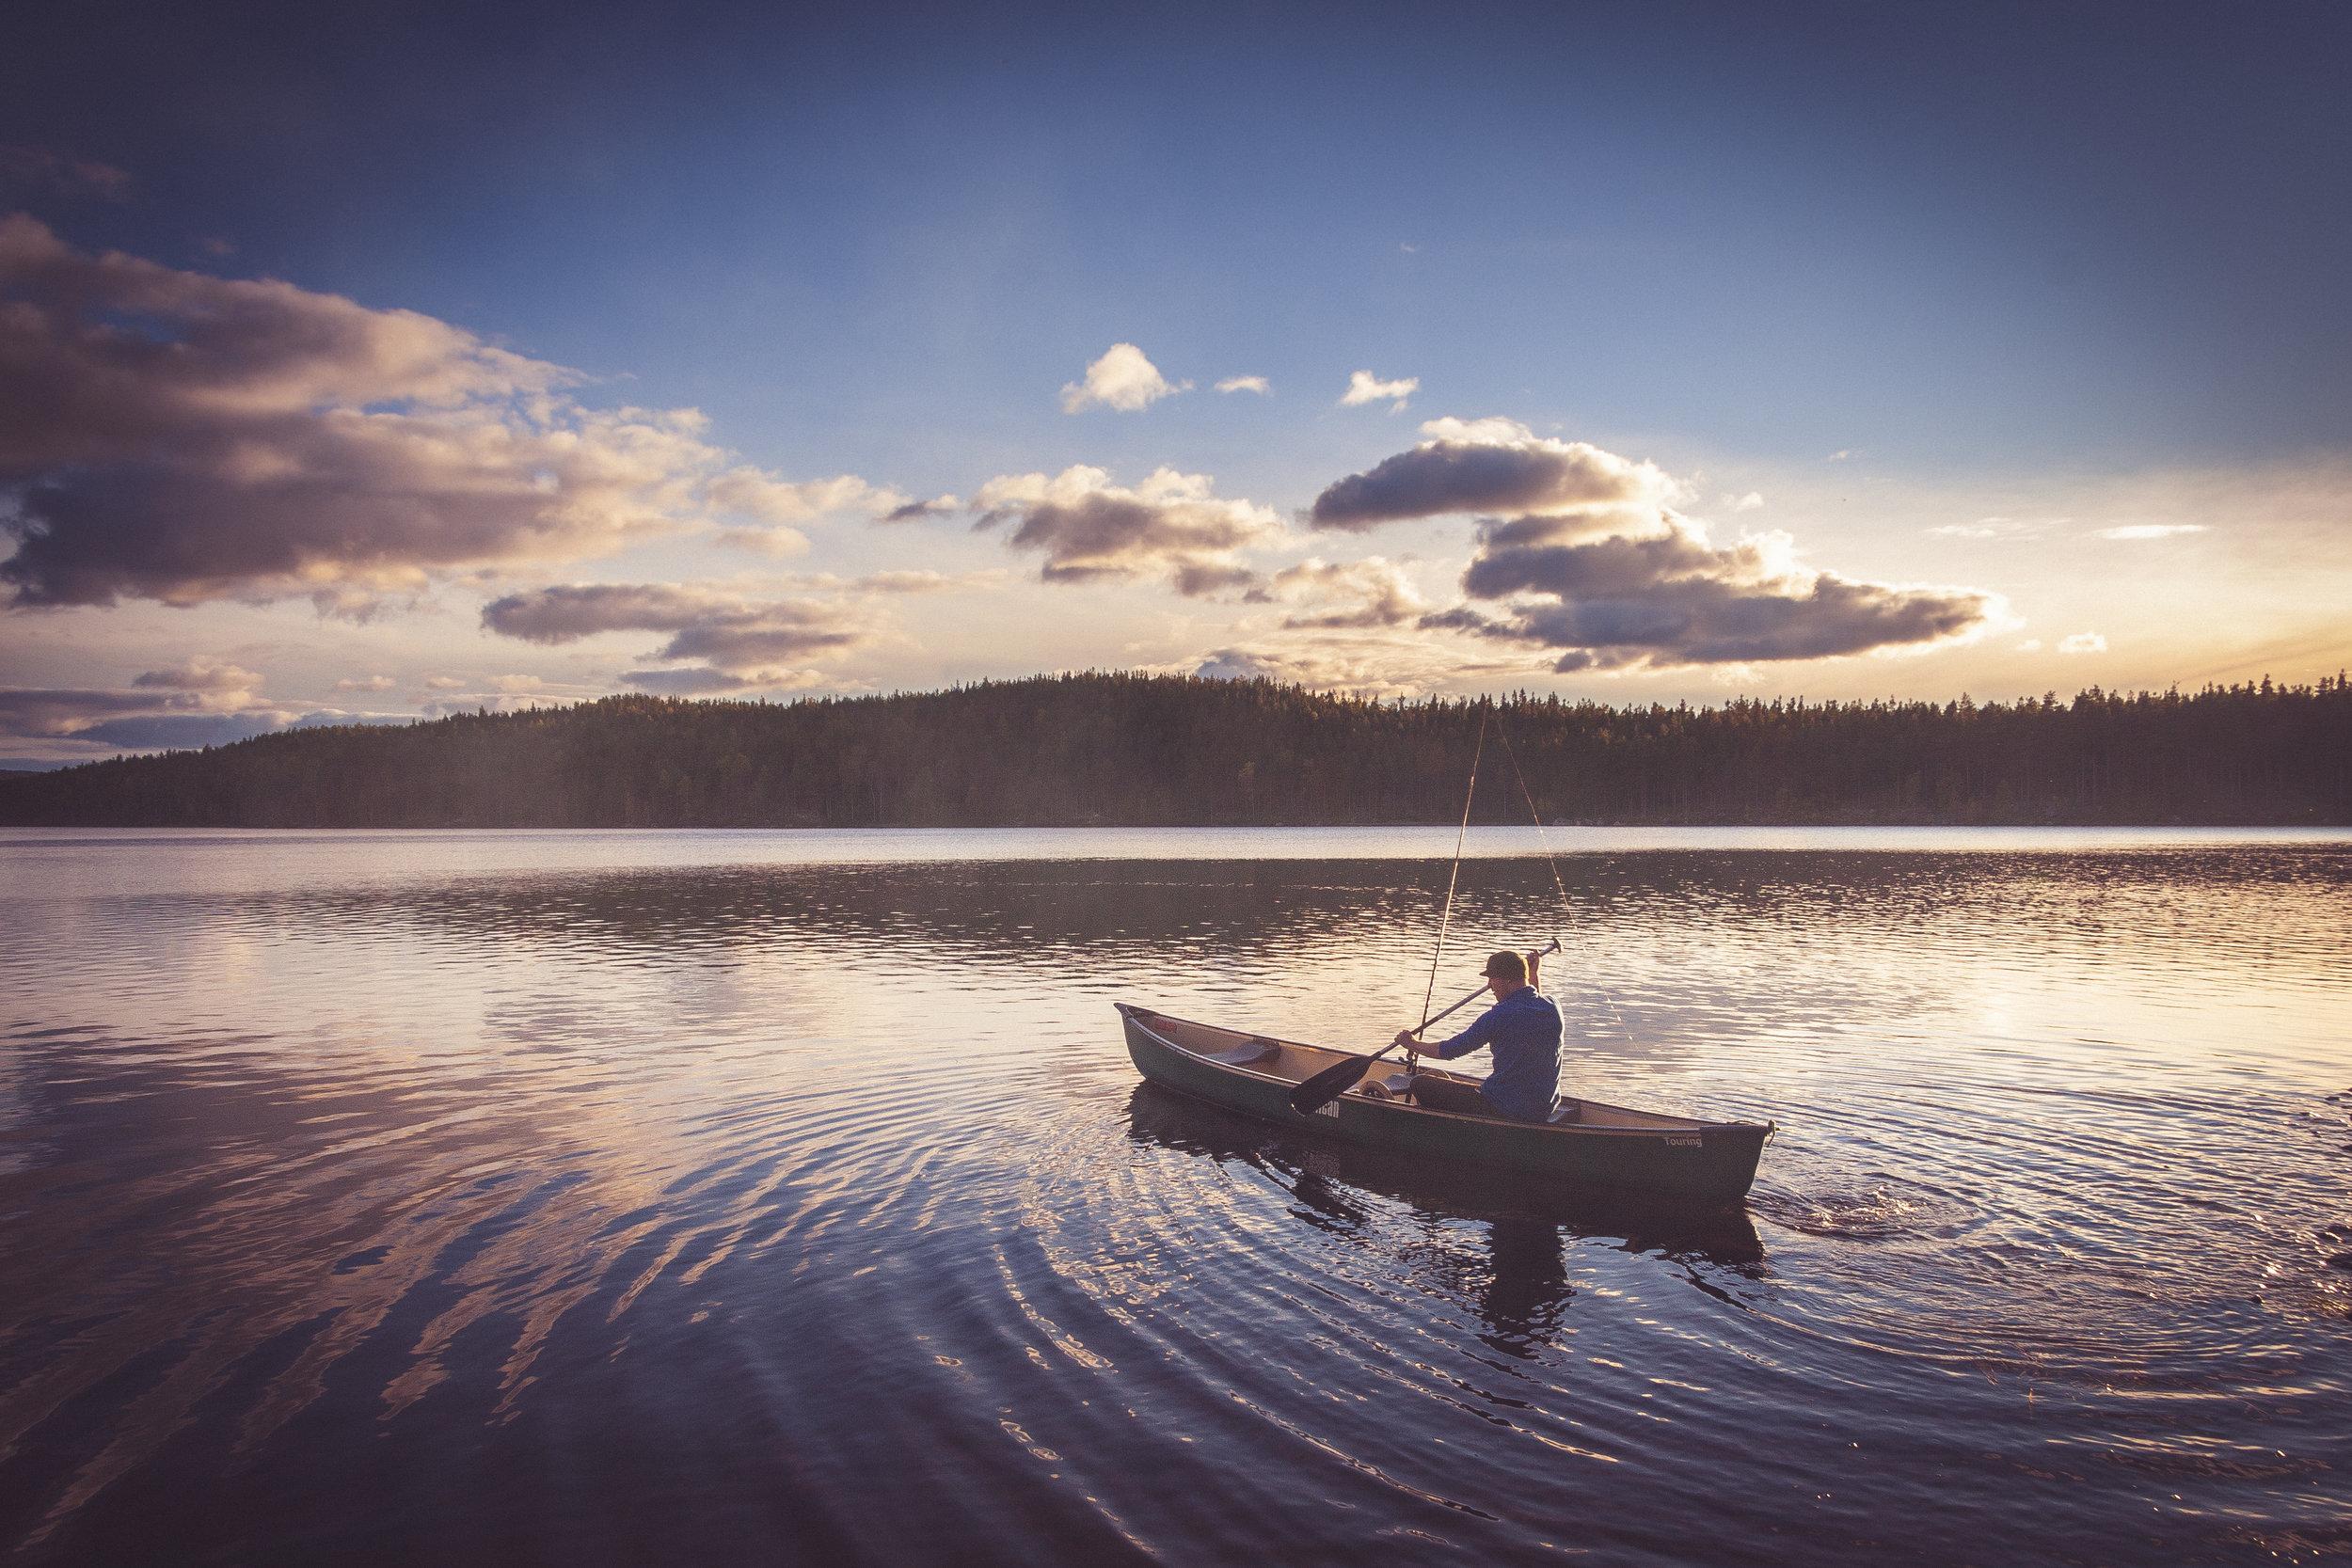 Man on a lake.jpg